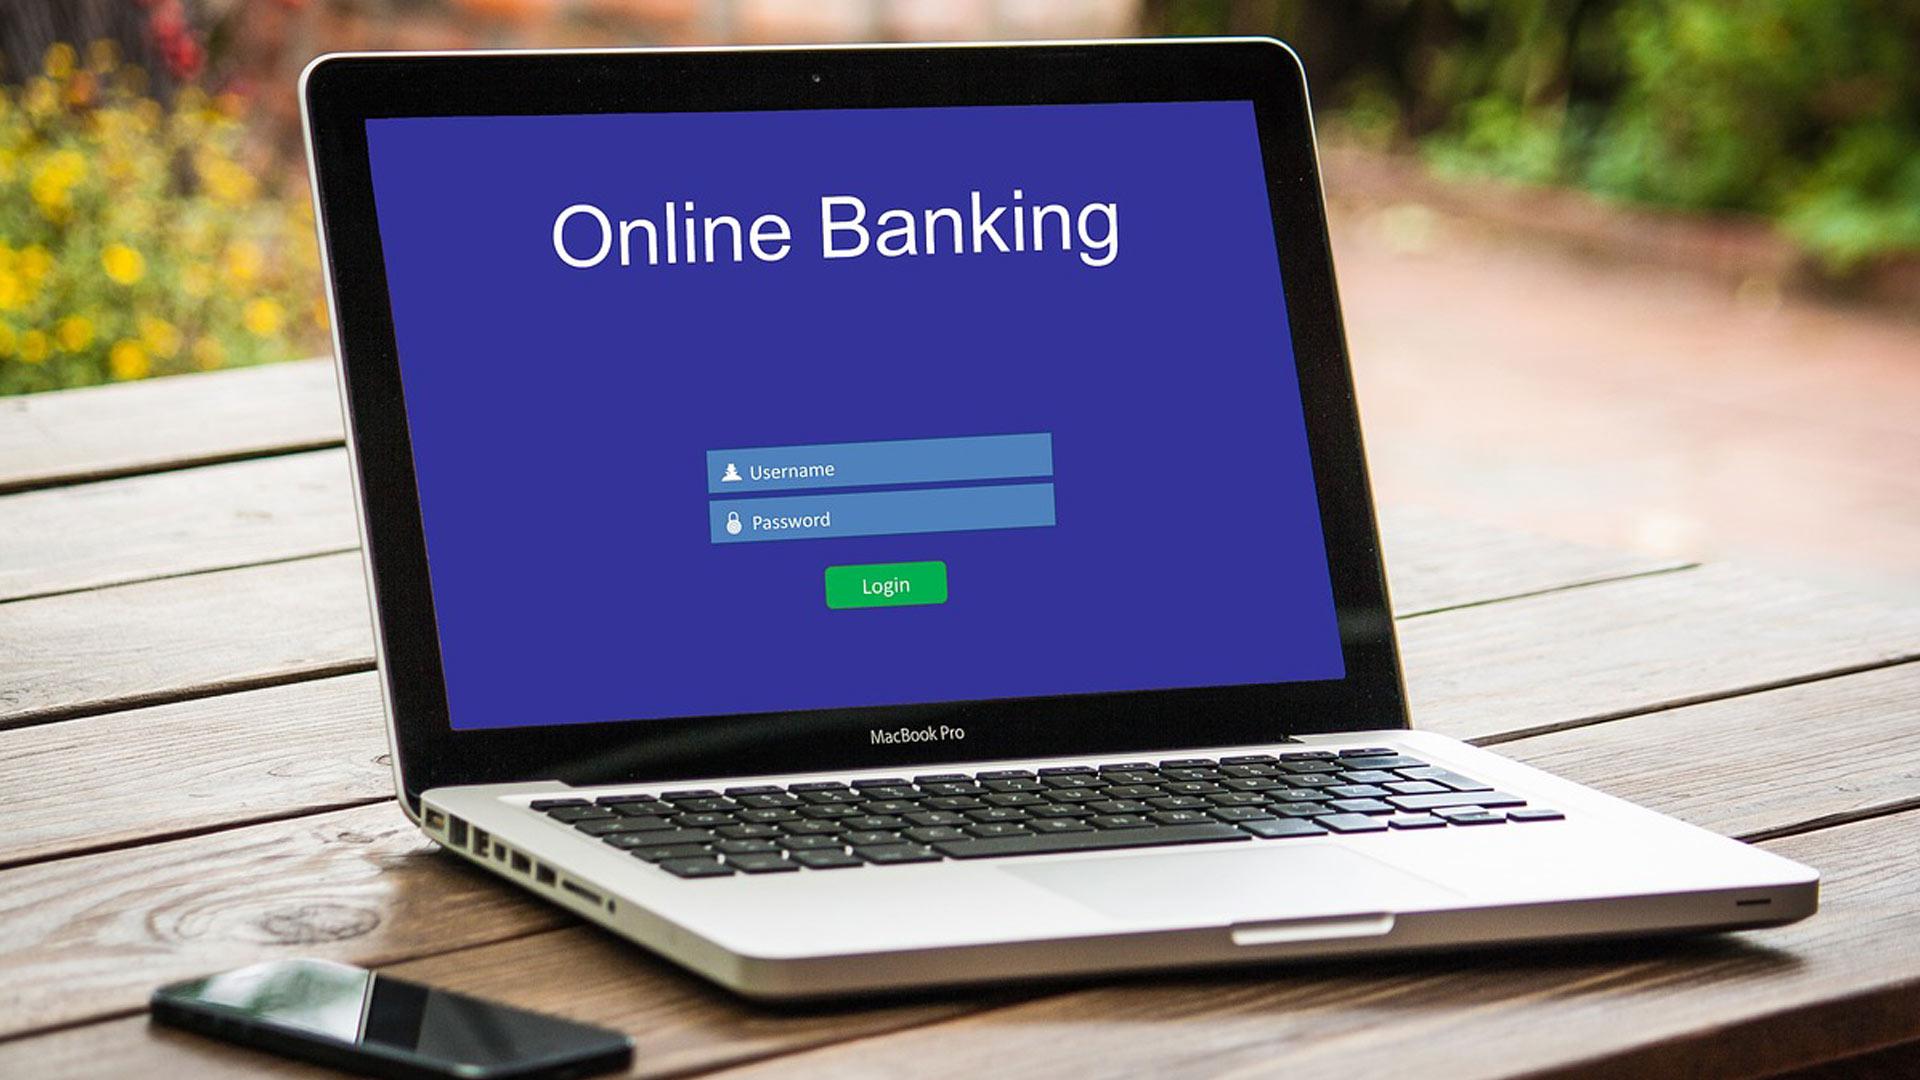 Www.Spk-In-Ei.De Online Banking